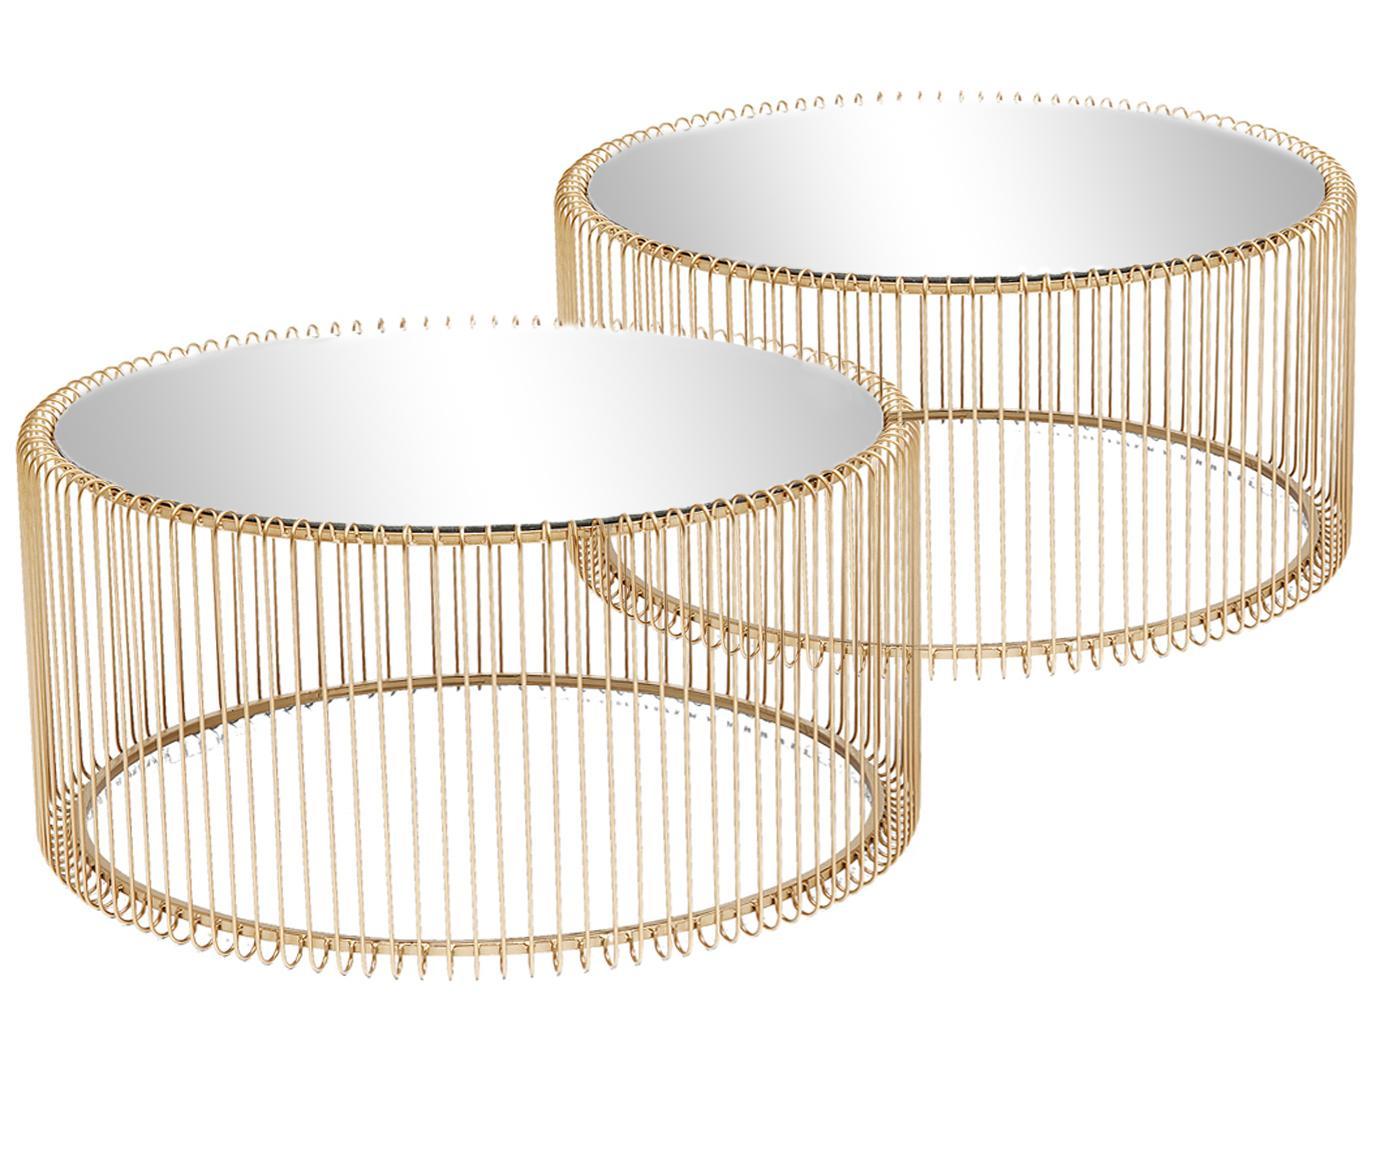 Set de mesas de centroWire, 2pzas., tablero de cristal, Estructura: metal con pintura en polv, Tablero: vidrio laminado, Latón, Tamaños diferentes